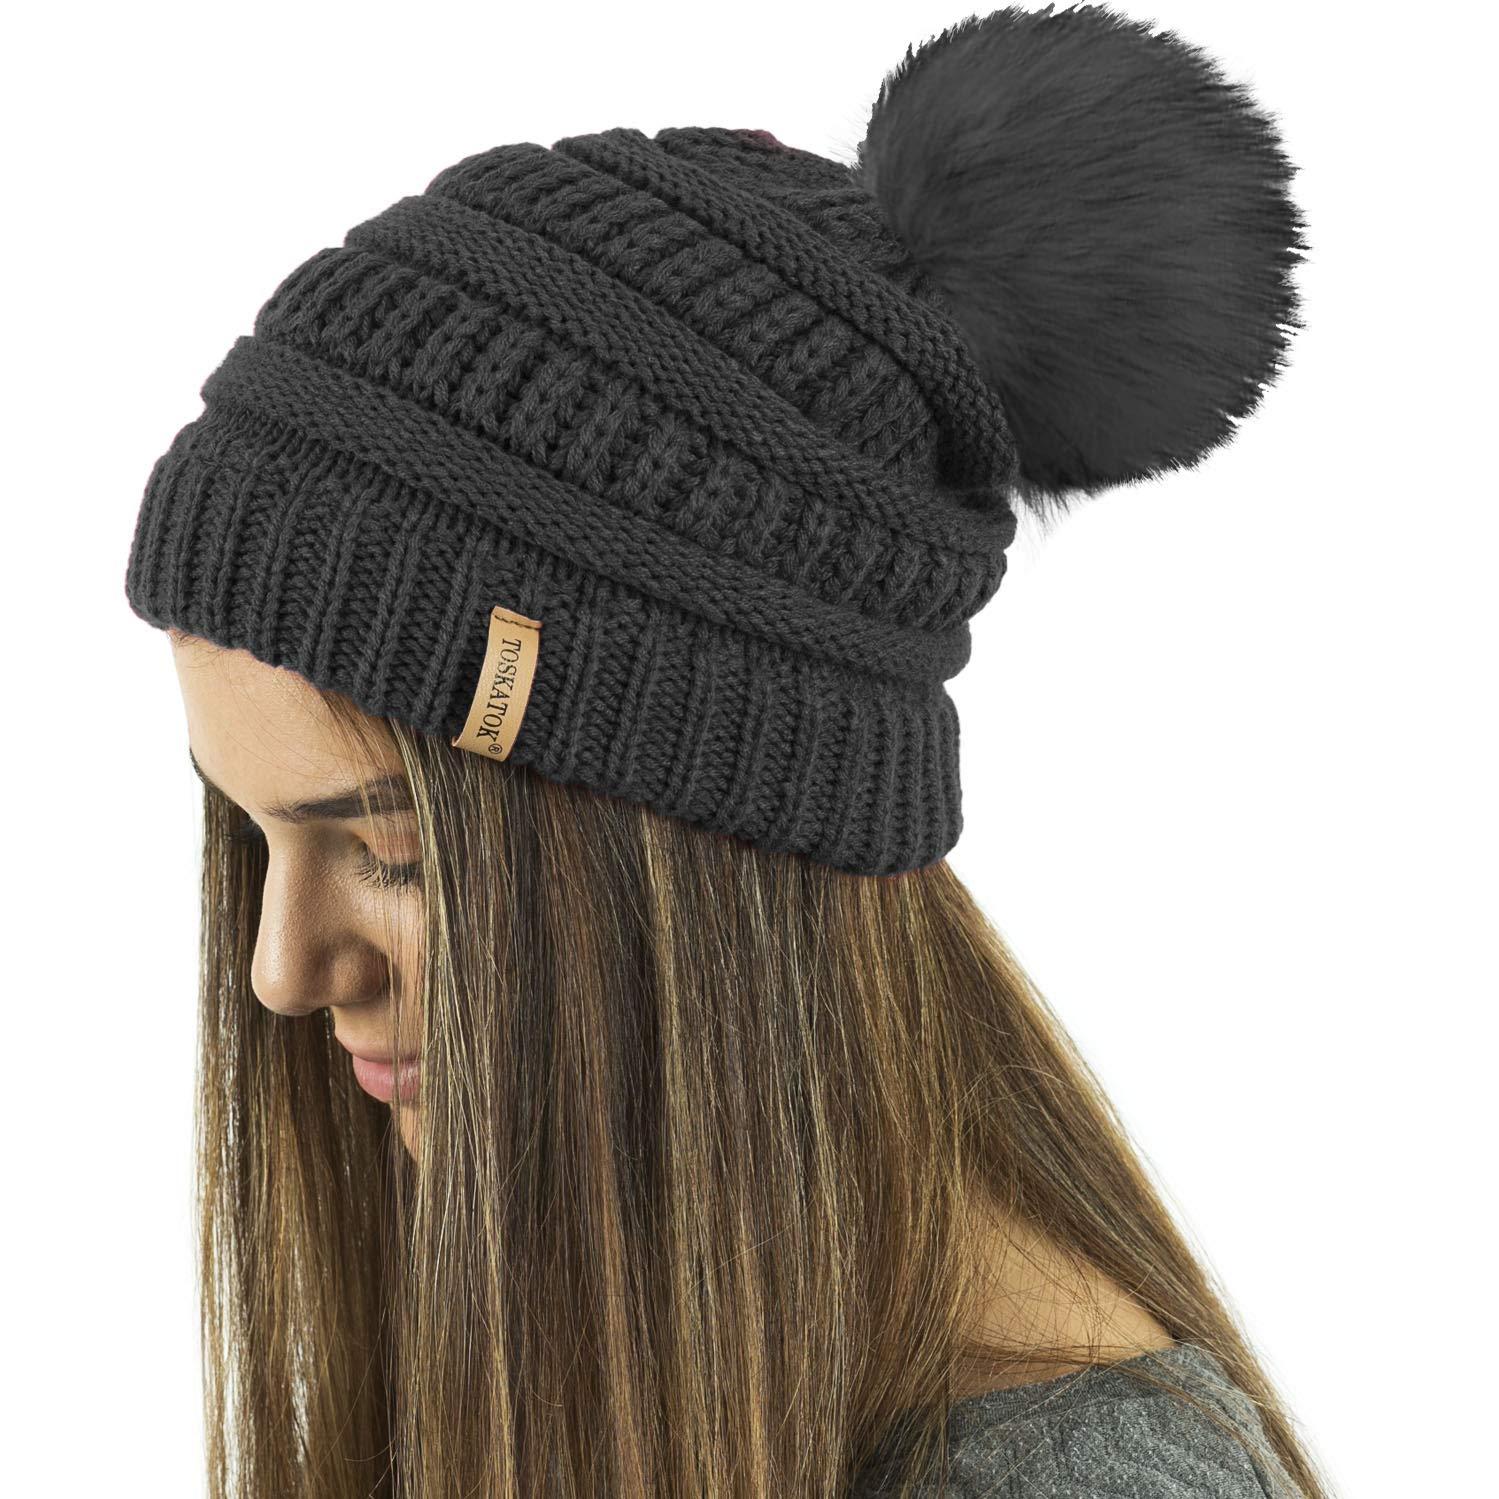 b2f7aede00a TOSKATOK® Ladies Textured Knit Beanie Hat with Detachable Faux Fur Pom Pom  - Buy with 1 2 Pom Poms…